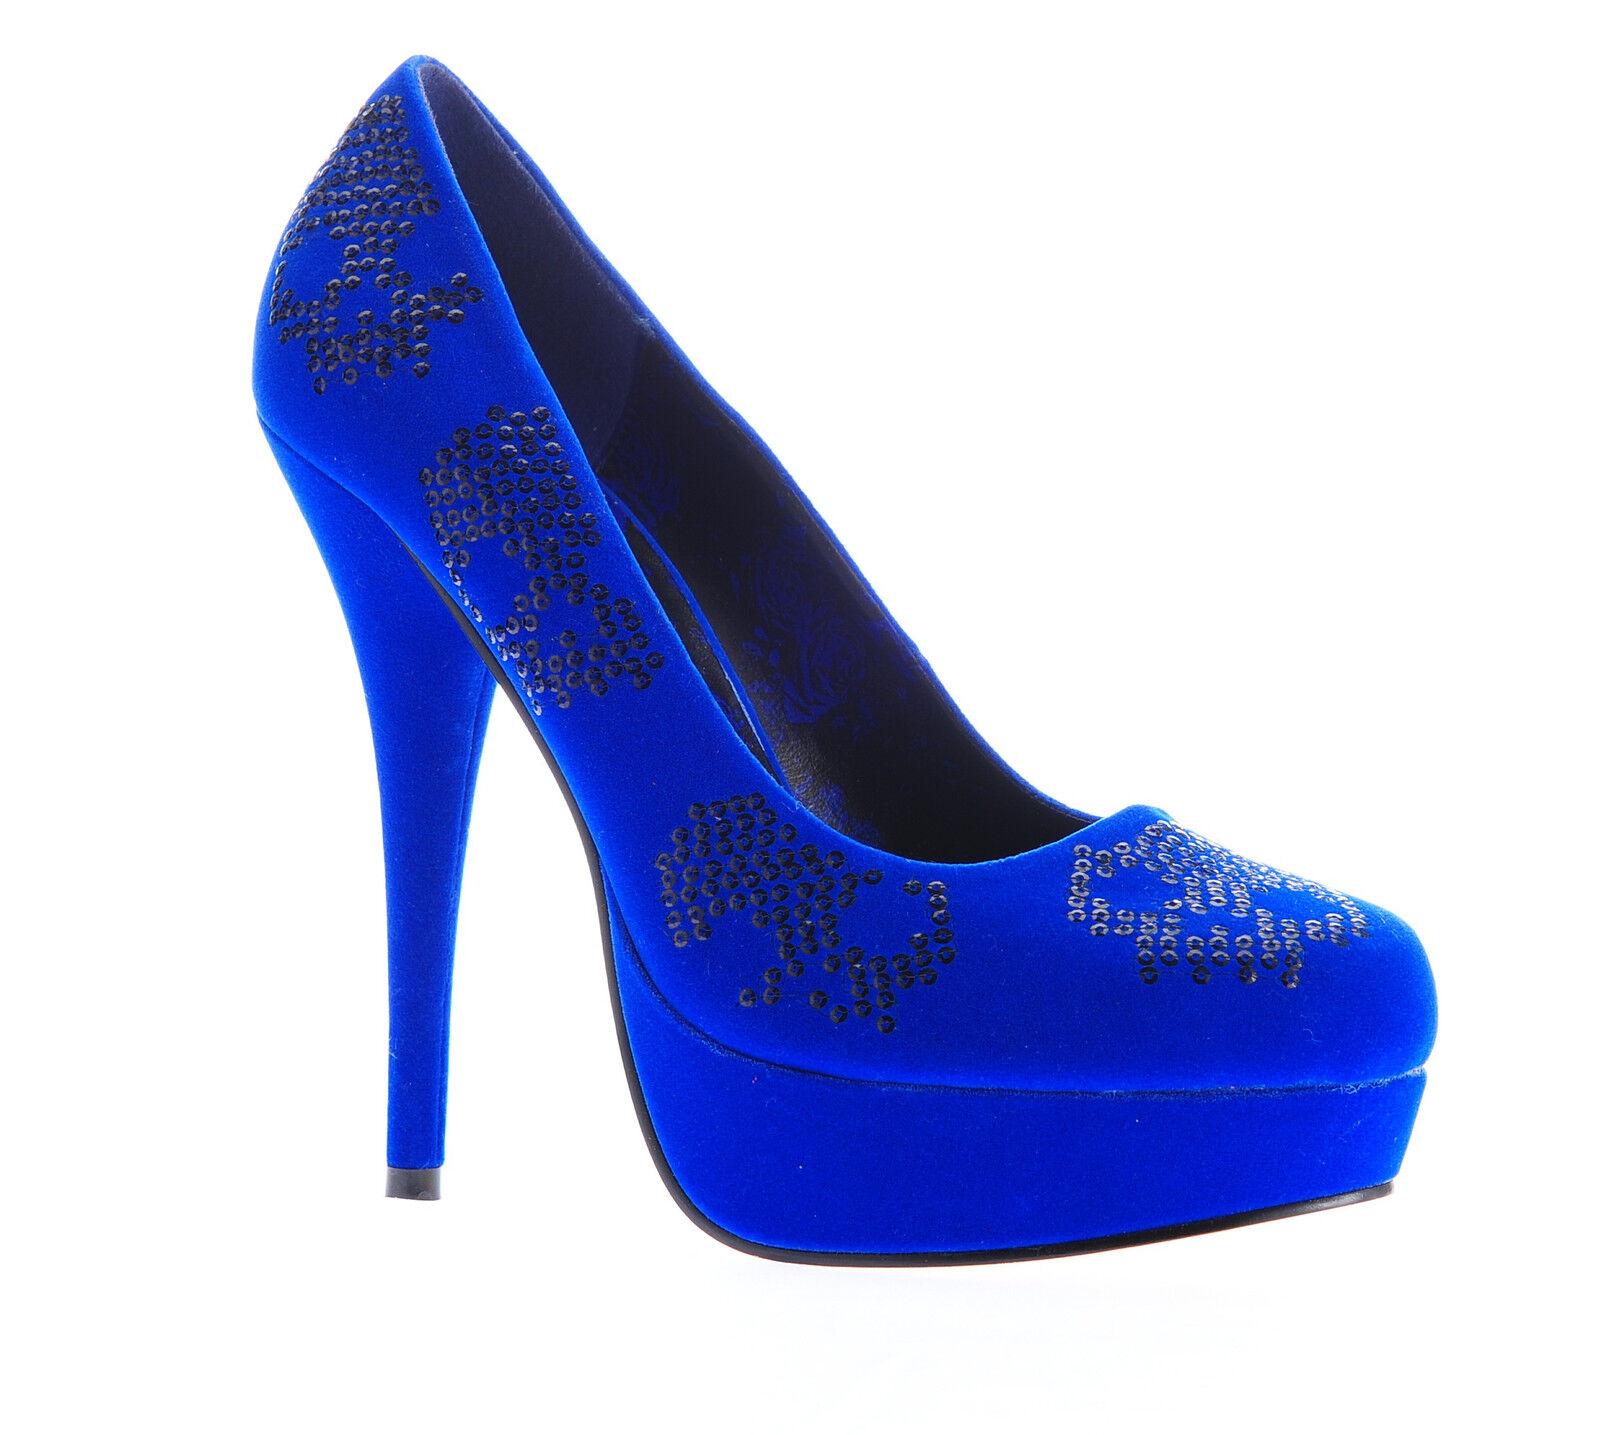 IRON FIST Schuhe Pumps Sugar Hiccup Girls Blau Größe Pailletten - Größe Blau wählbar 0cfe68